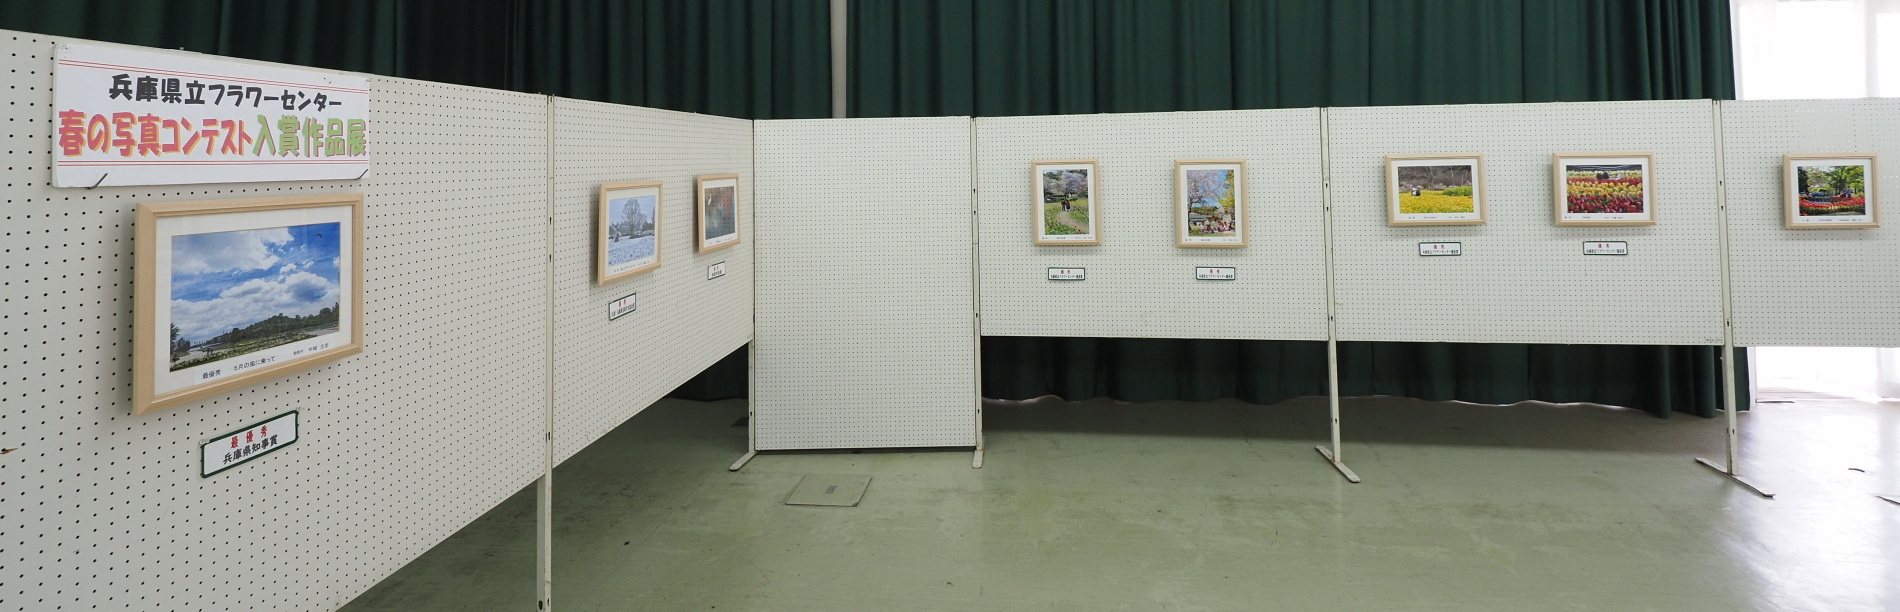 2021春の写真コンテスト入賞作品展